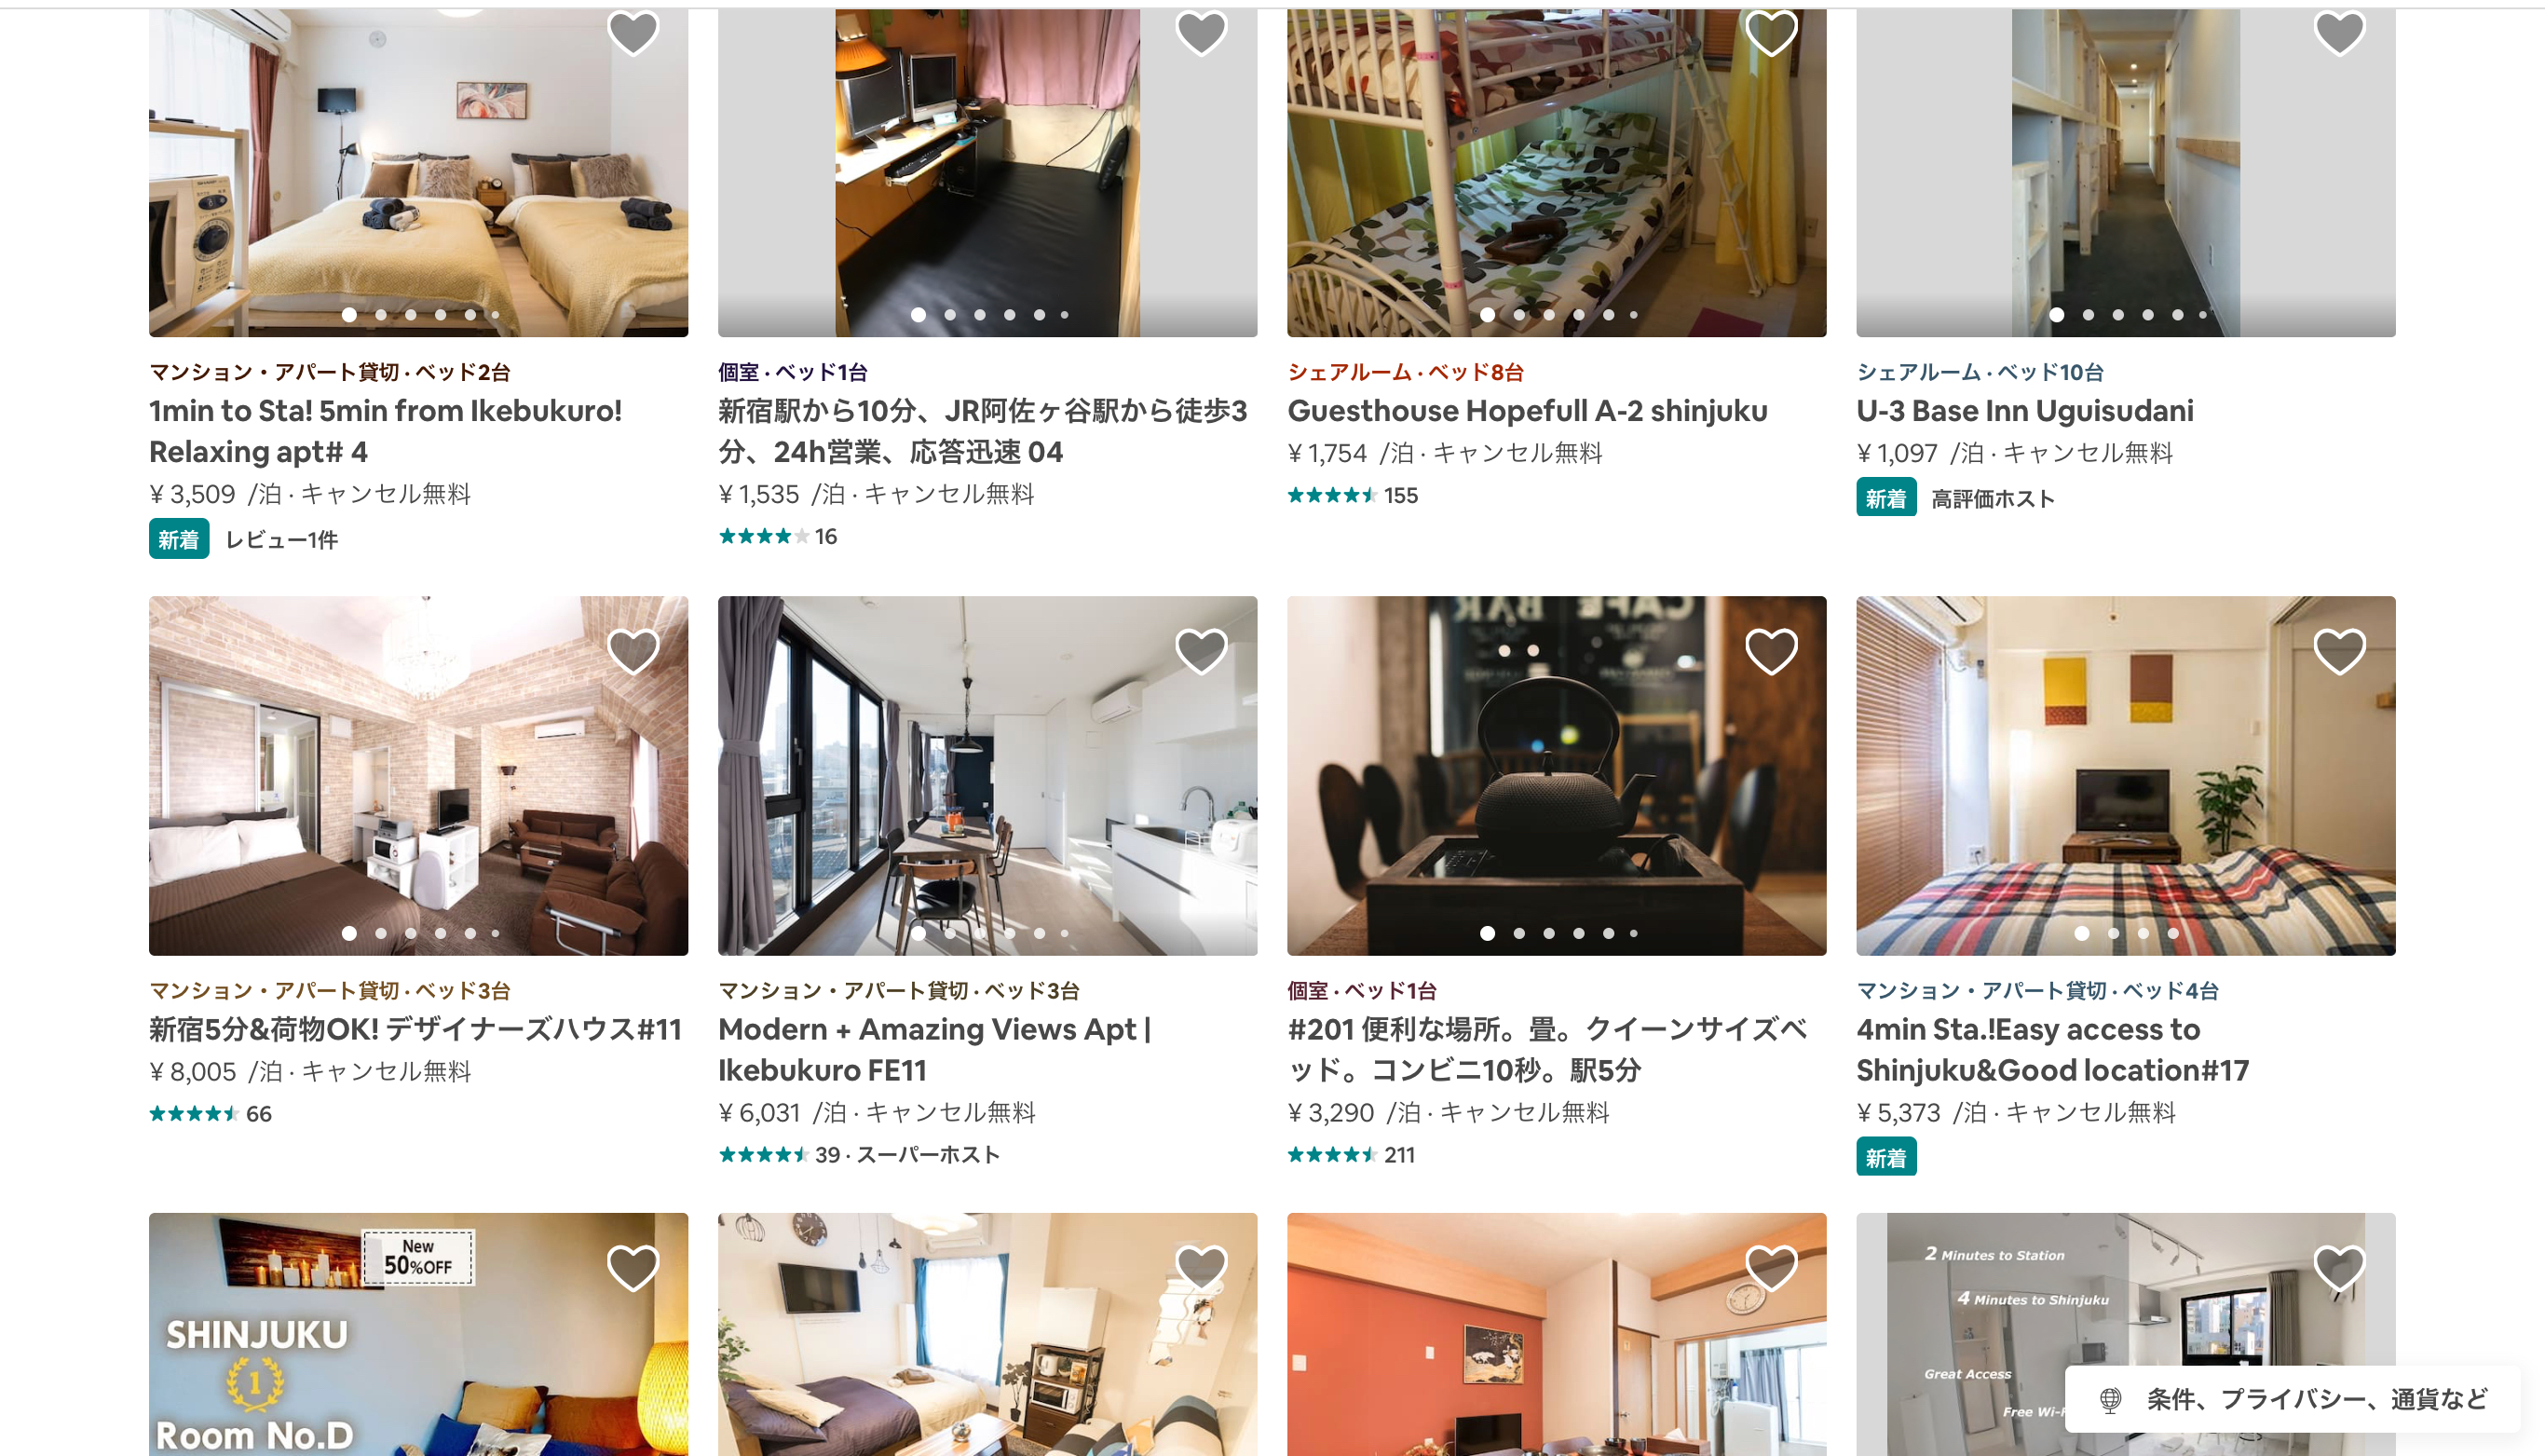 Airbnb streicht 80% der Unterkünfte in Japan | Asienspiegel